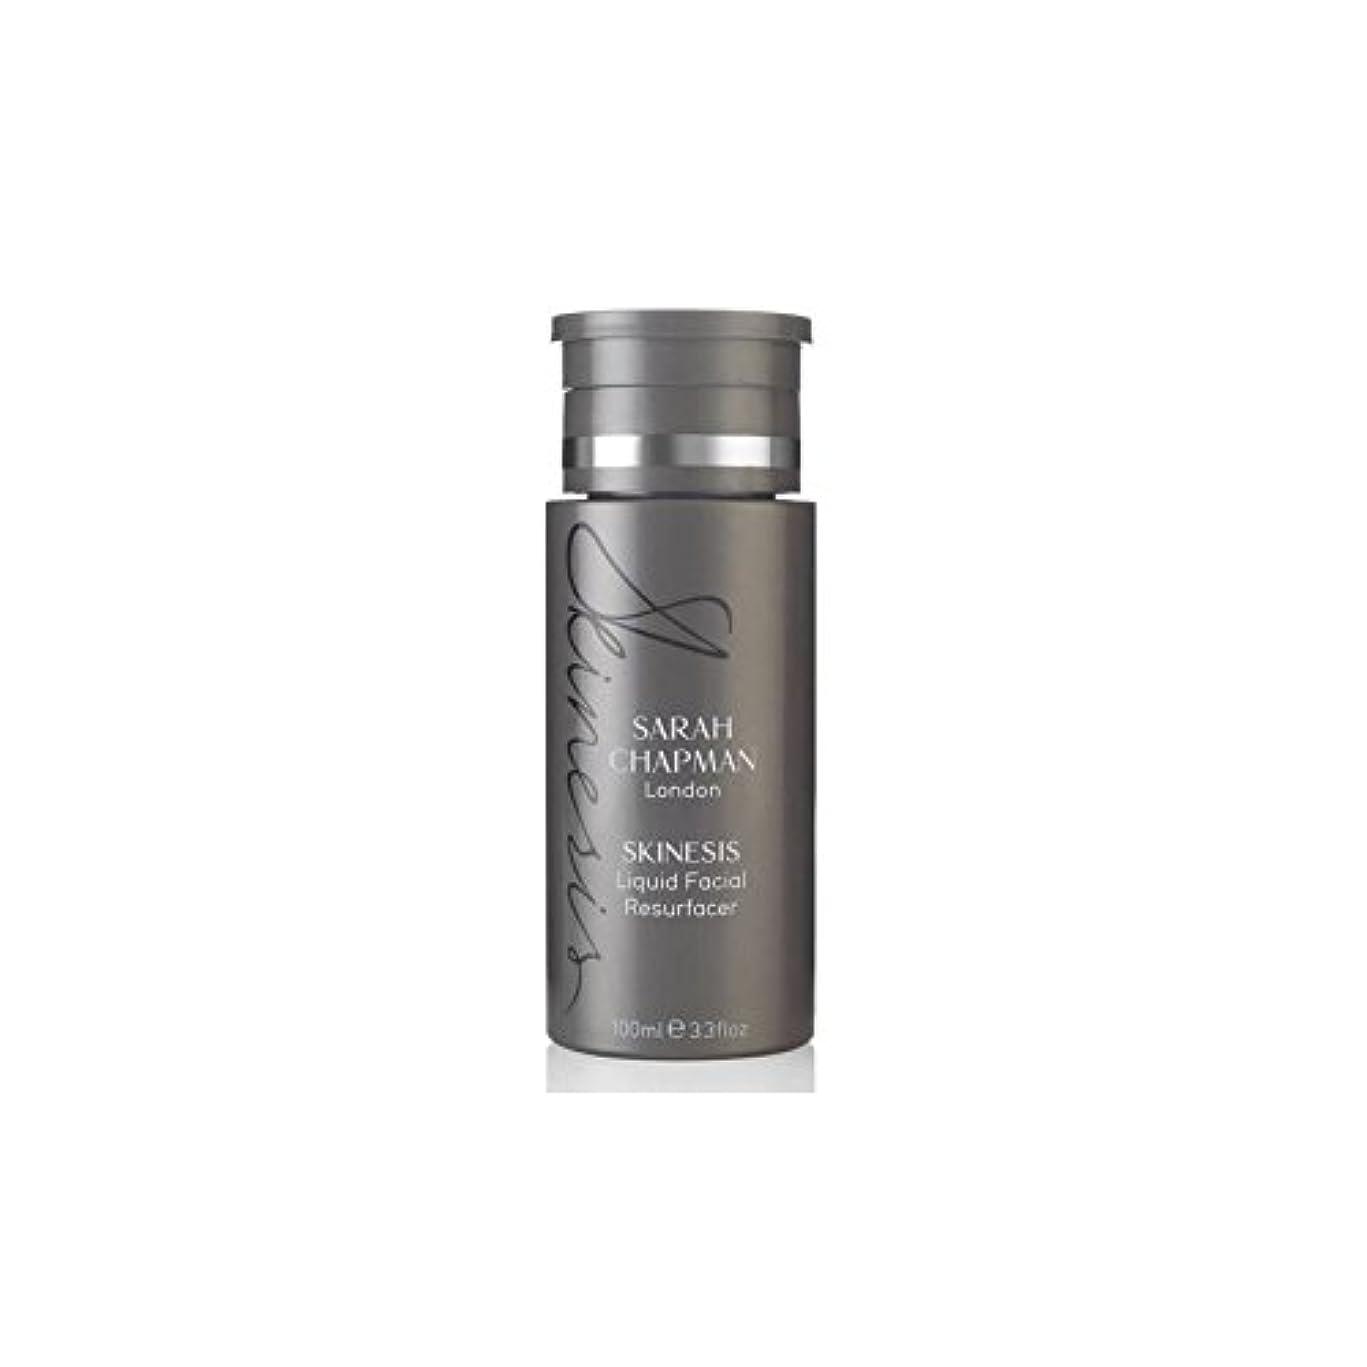 ヤギ読みやすいゆりSarah Chapman Skinesis Liquid Facial Resurfacer (100ml) (Pack of 6) - サラチャップマン液体顔(100)に x6 [並行輸入品]